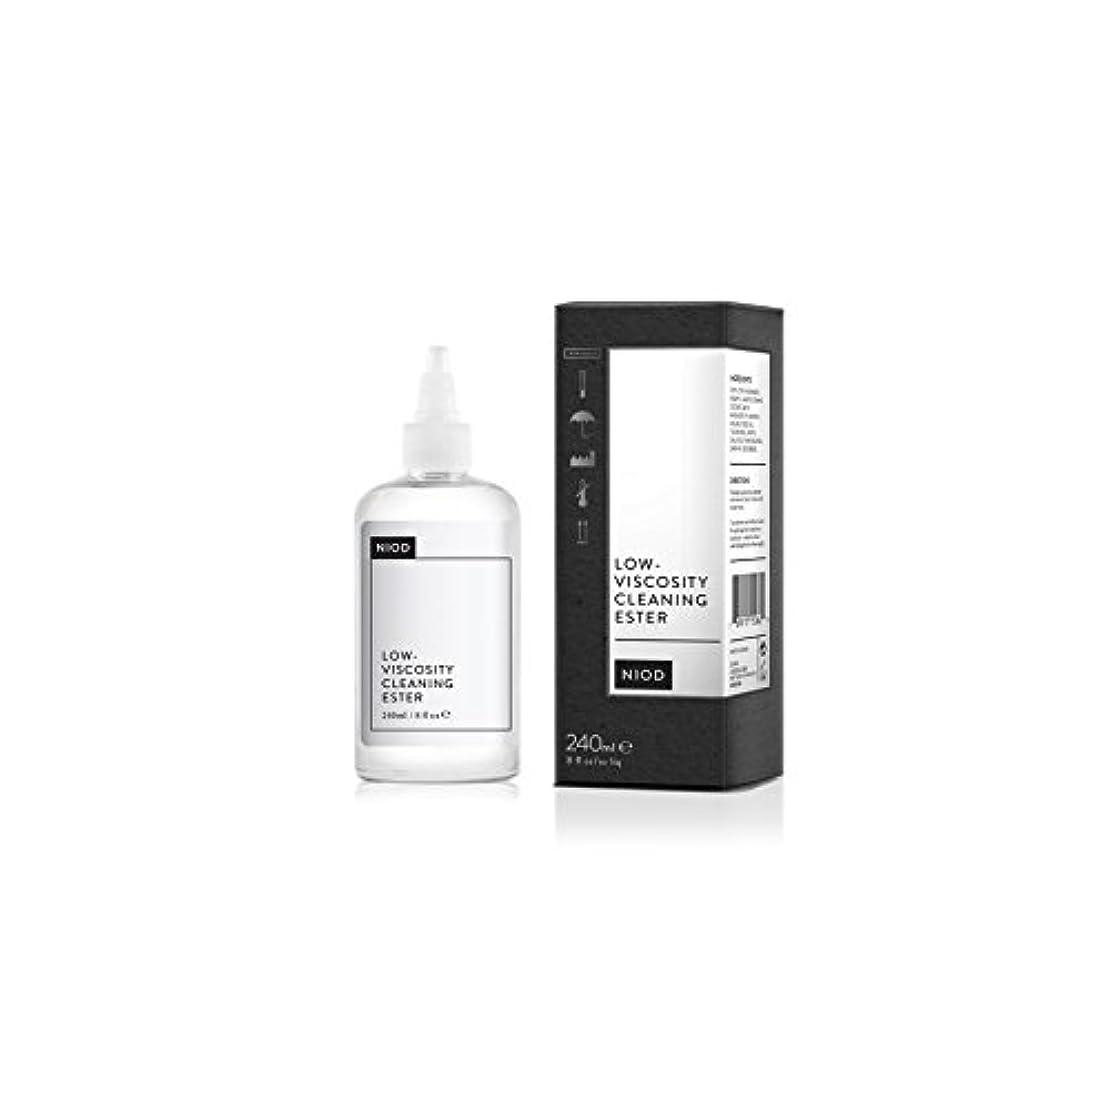 焦げグループ驚くべき低粘度のクリーニングエステル(240ミリリットル) x4 - Niod Low-Viscosity Cleaning Ester (240ml) (Pack of 4) [並行輸入品]